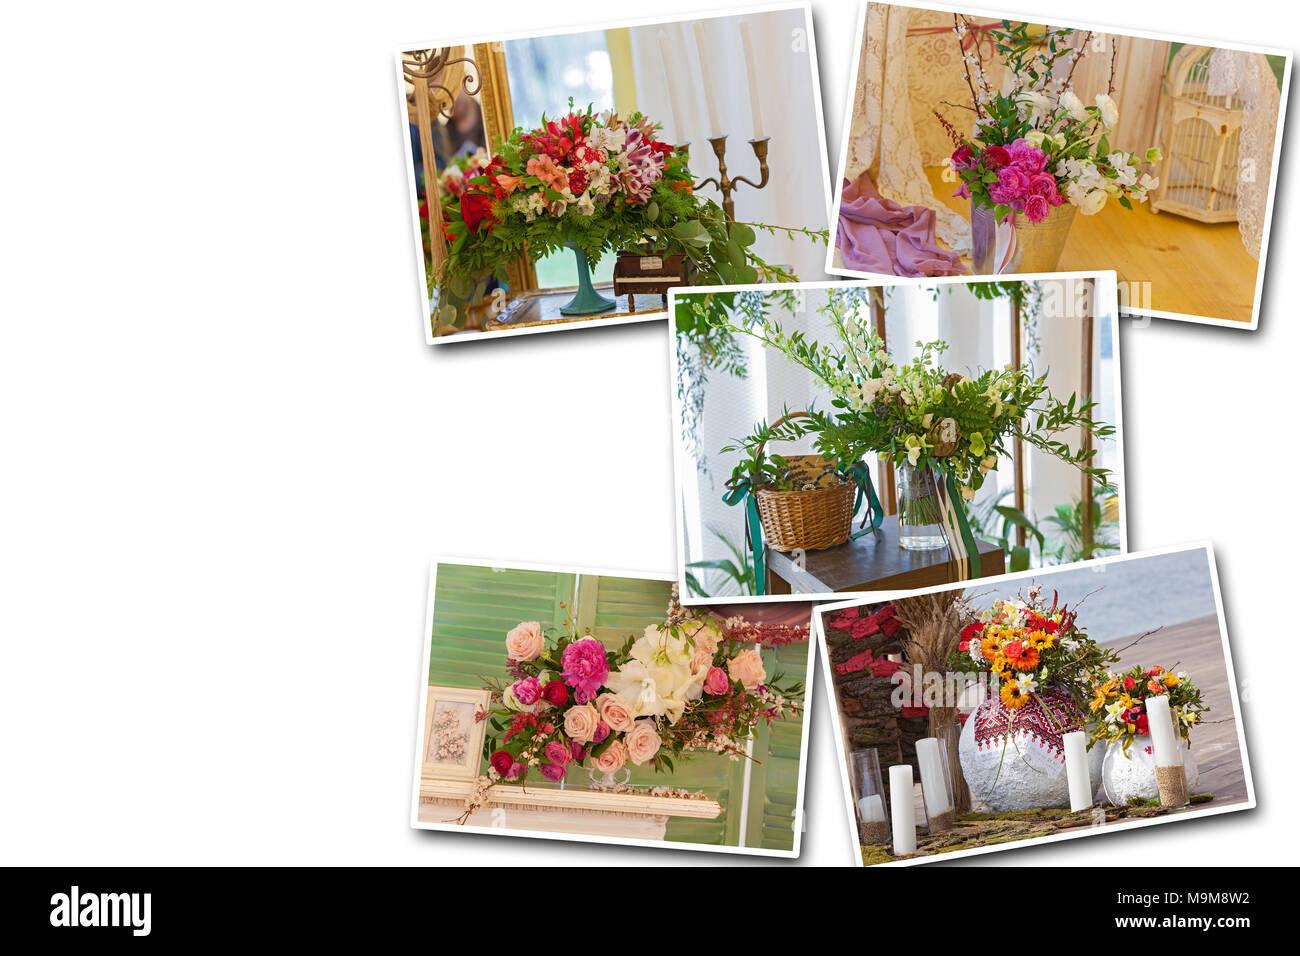 Collage Auf Weissem Hintergrund Ungewohnliche Dekor Blumen Baum